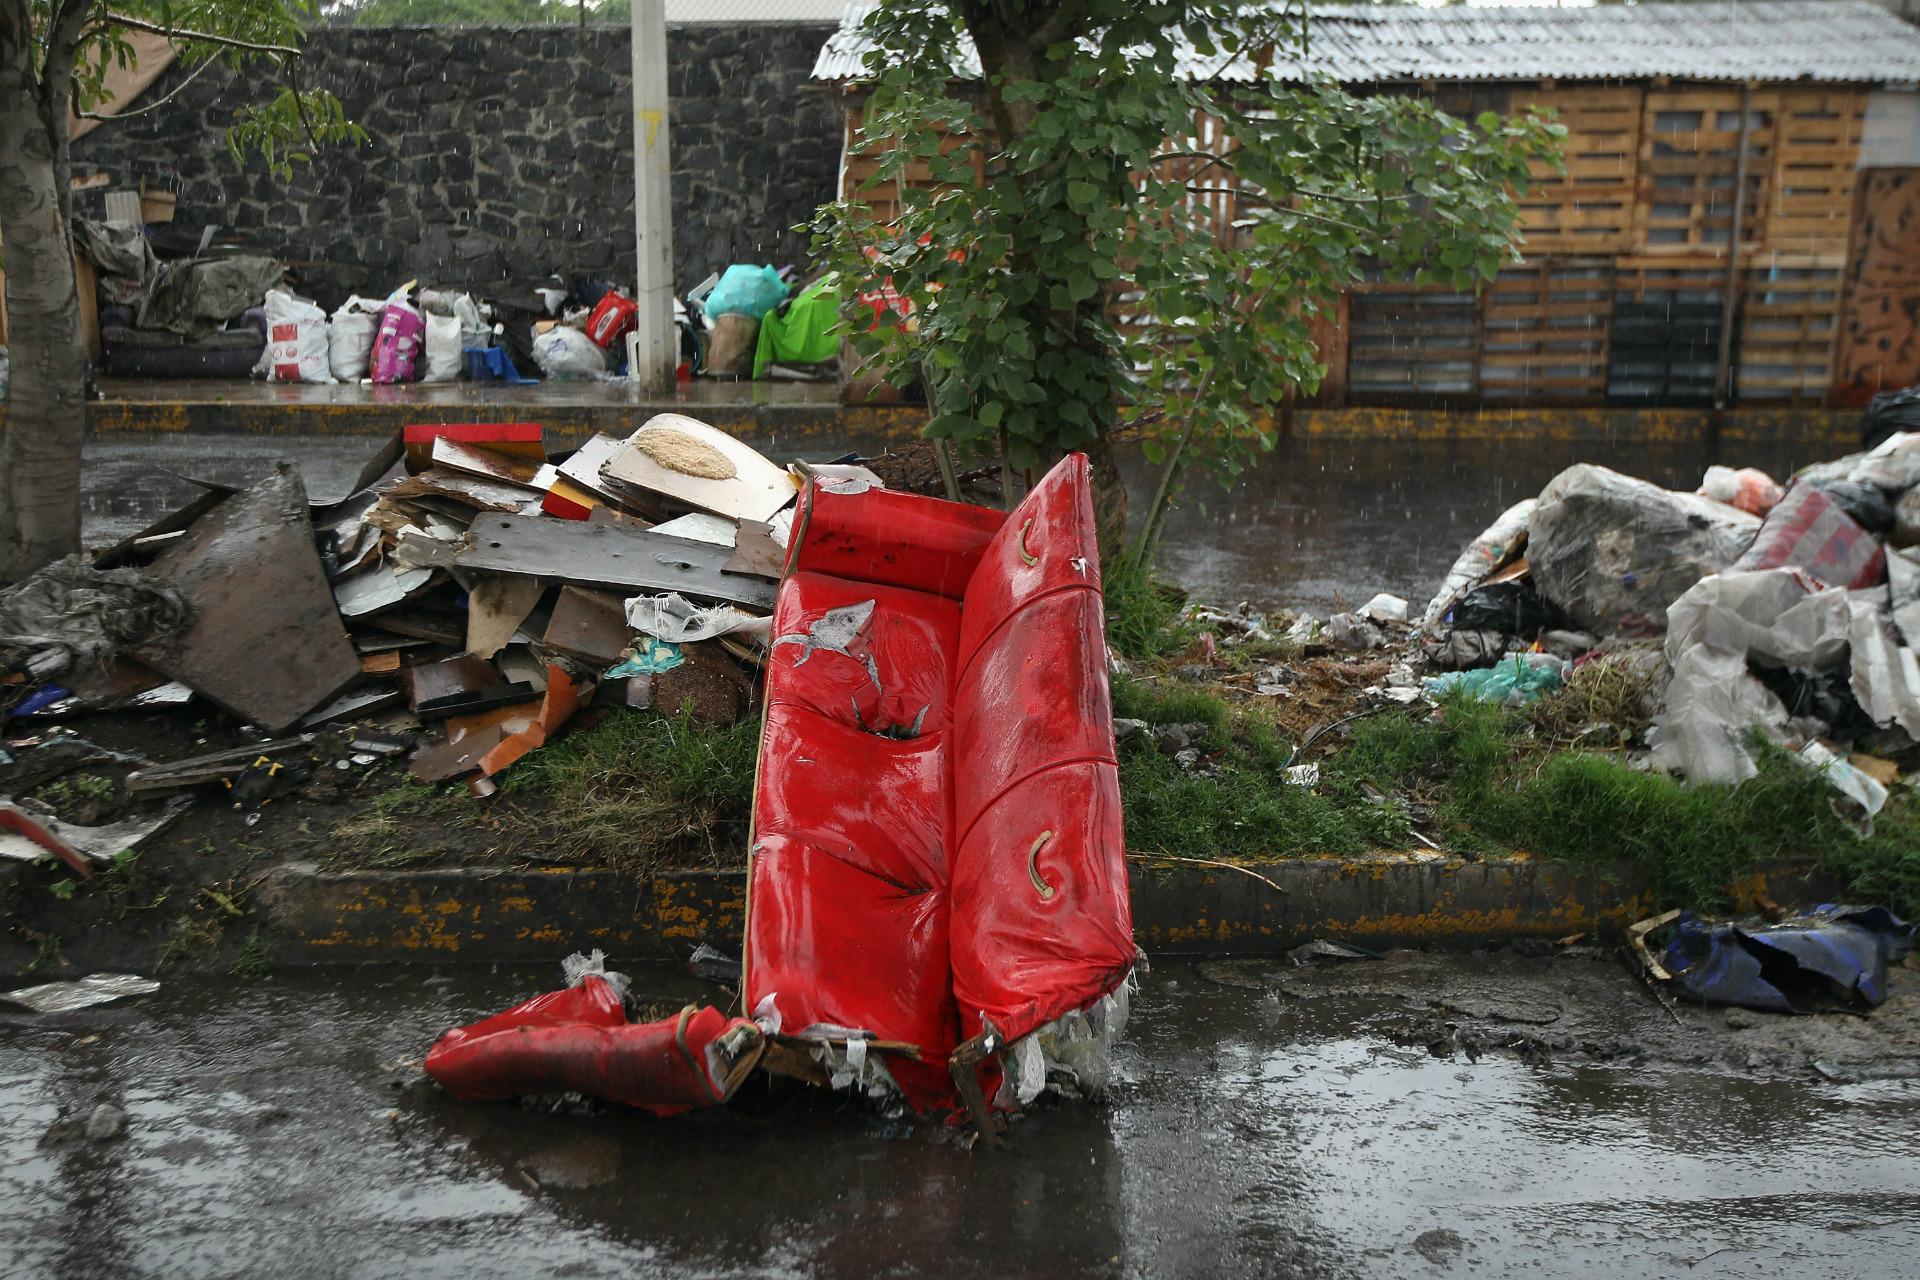 ciudad de méxico, basura, bordo, microplásticos